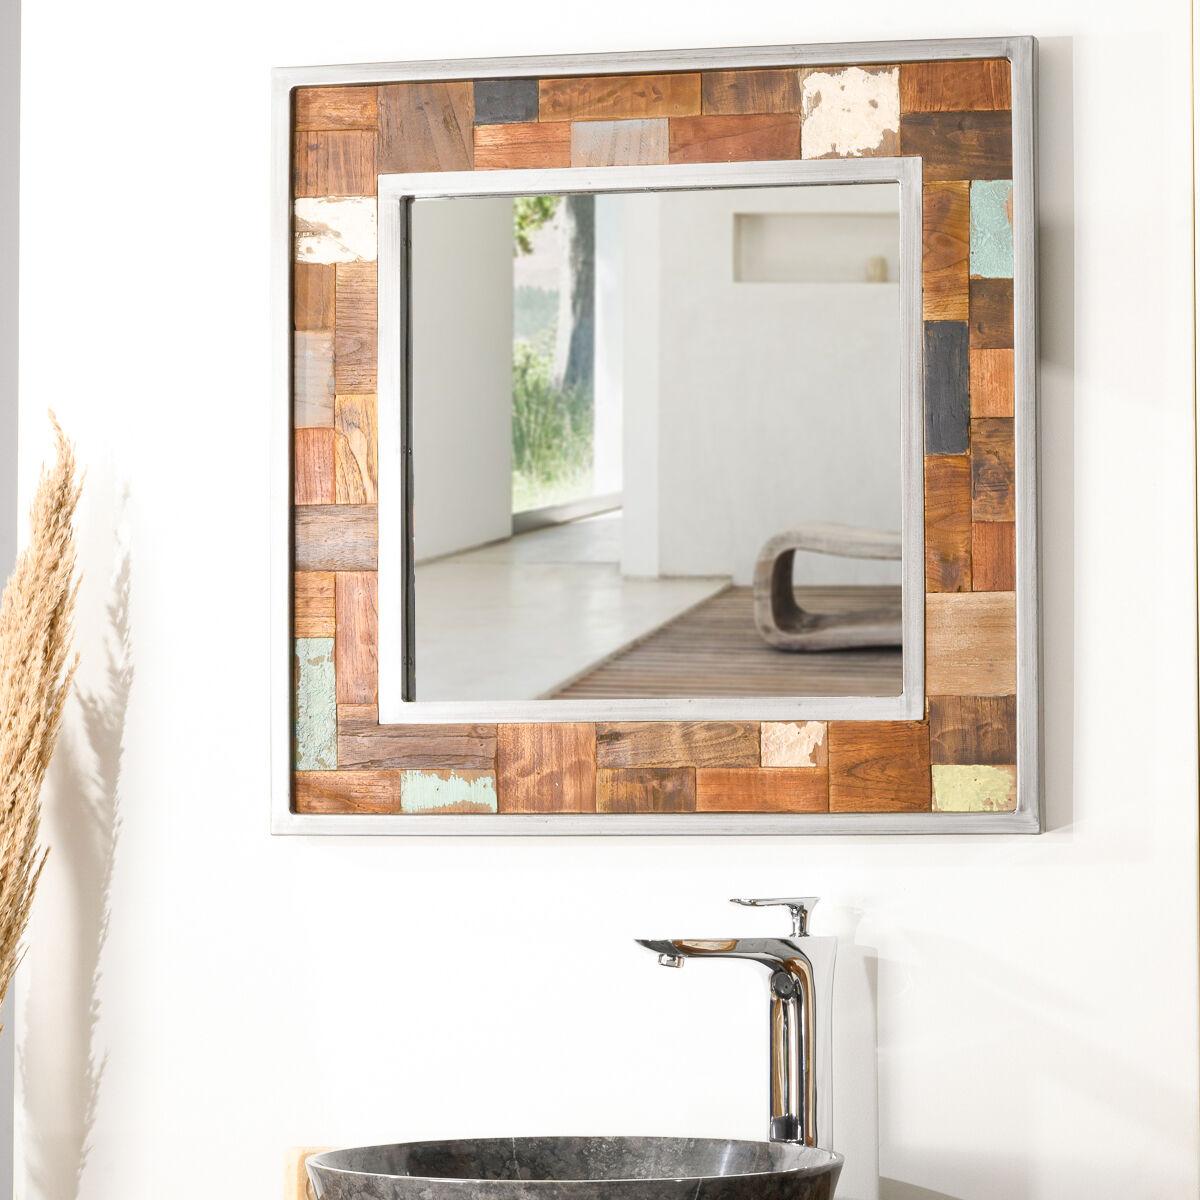 Wanda Collection Miroir de salle de bain Factory teck métal 70x70